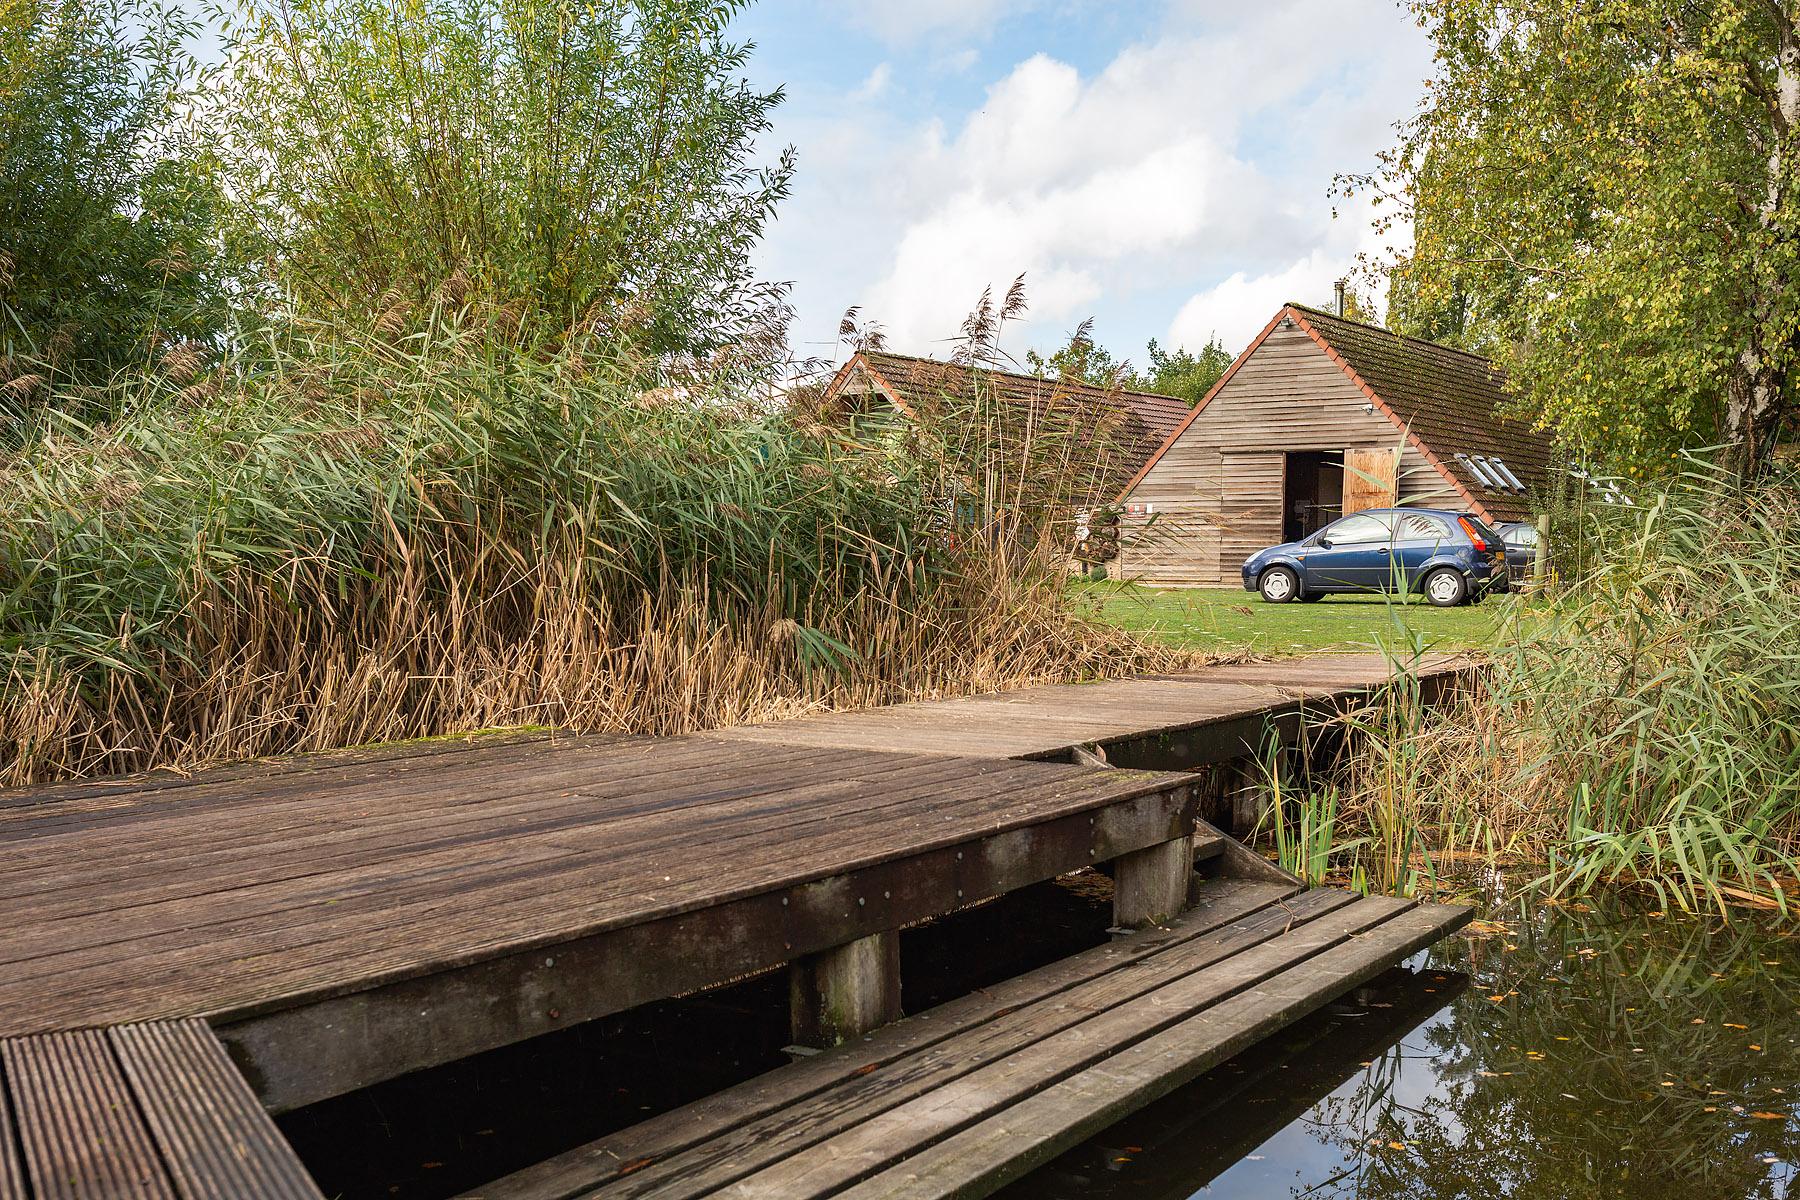 Uitzicht over het Hageven in Pelt (Neerpelt), West-Vlaamse landschapsfotograaf Glenn Vanderbeke